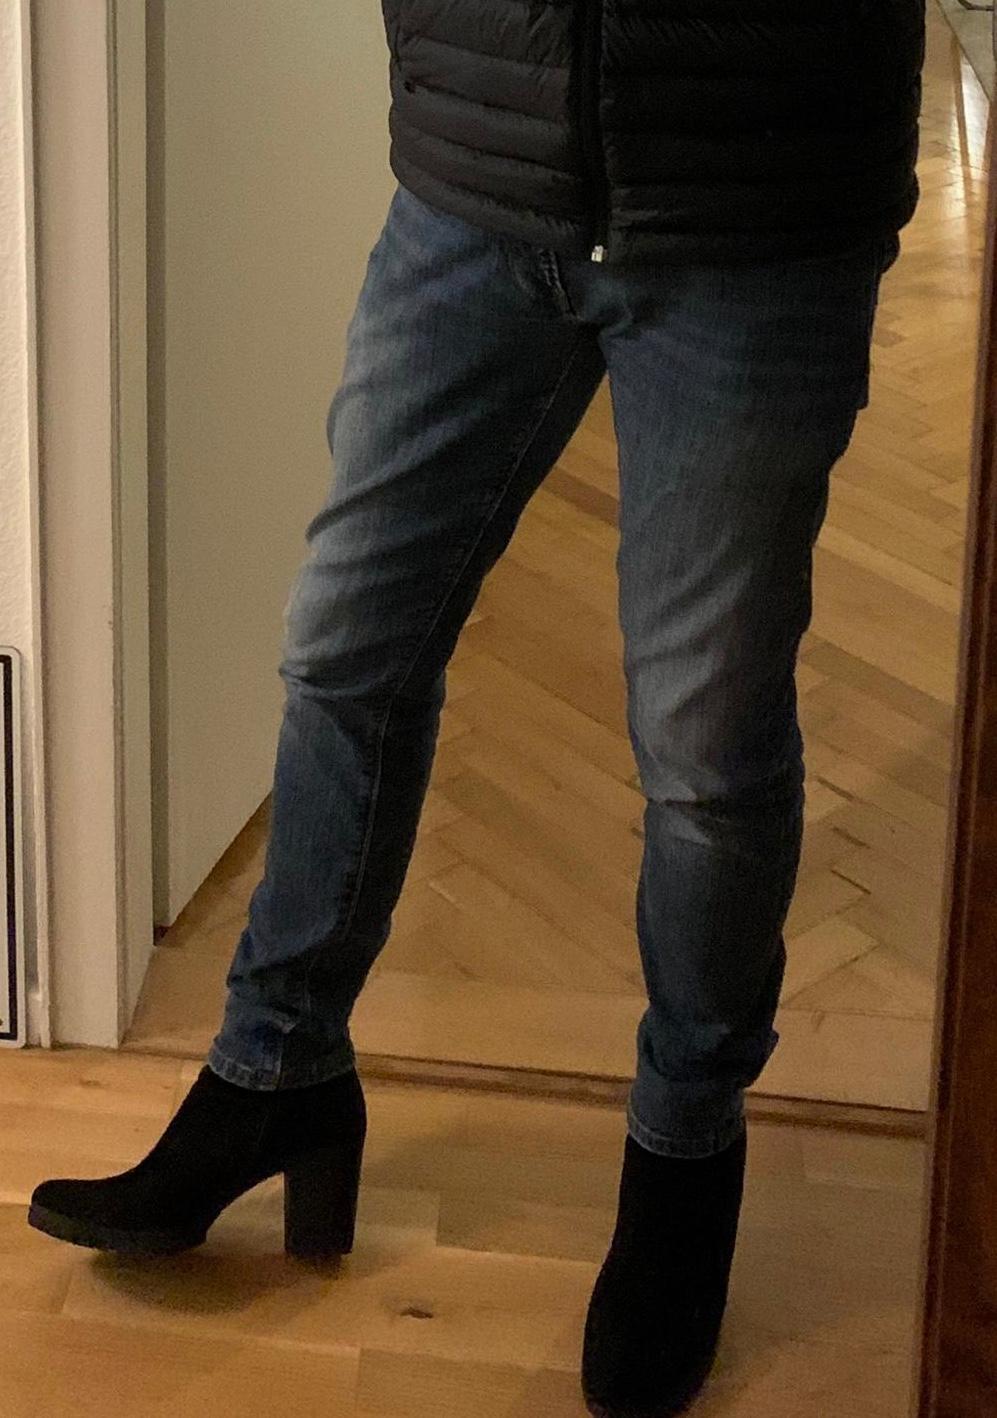 Männer mit Schuh-Absätzen oder heels. Alltagstauglich